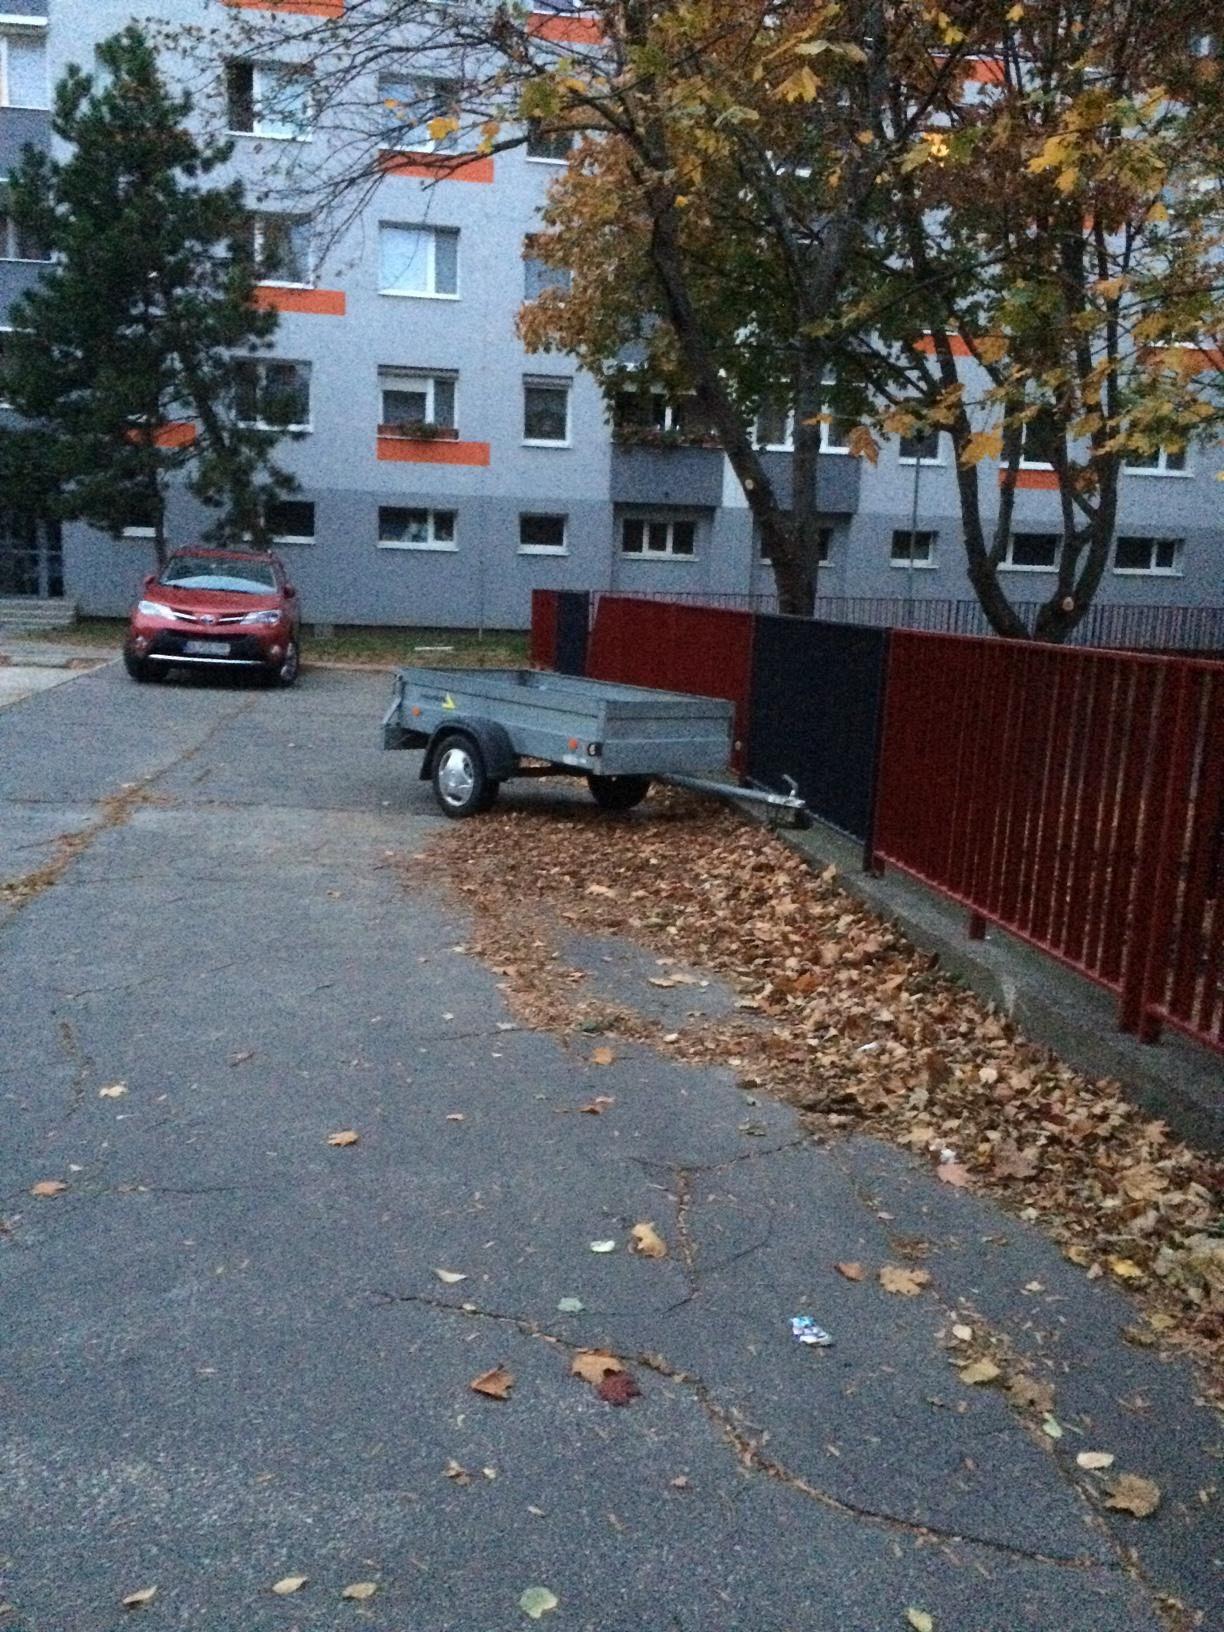 f8fa4771e Prívesný vozík odstavený na chodníku Vyšehradská ulica, Petržalka ...